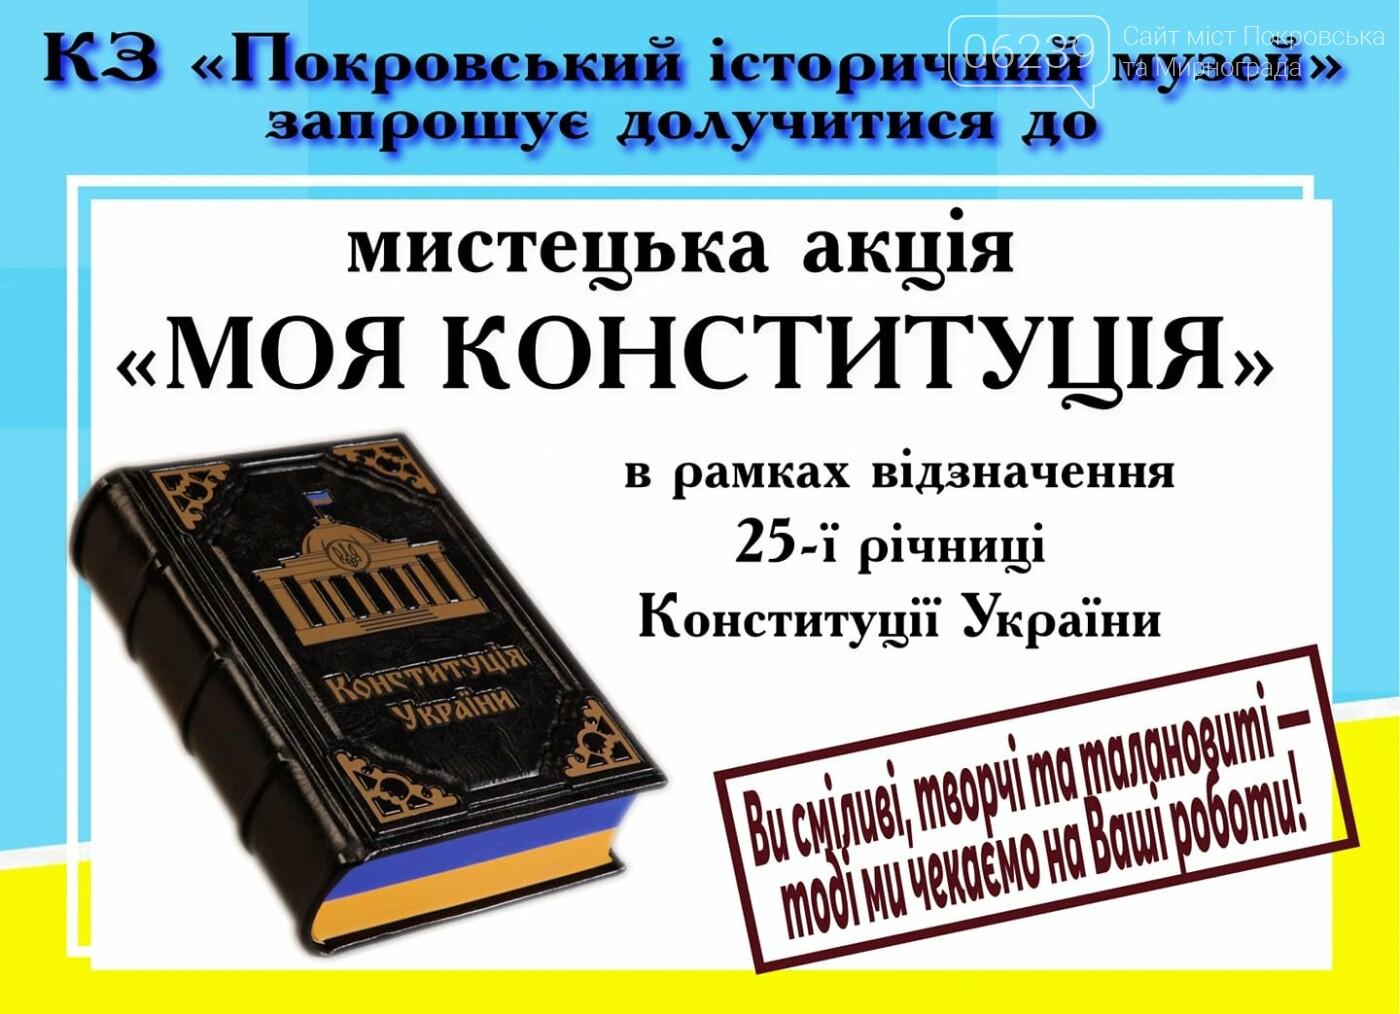 КЗ «Покровський історичний музей» запрошує  долучитись до акції «Моя Конституція», фото-1